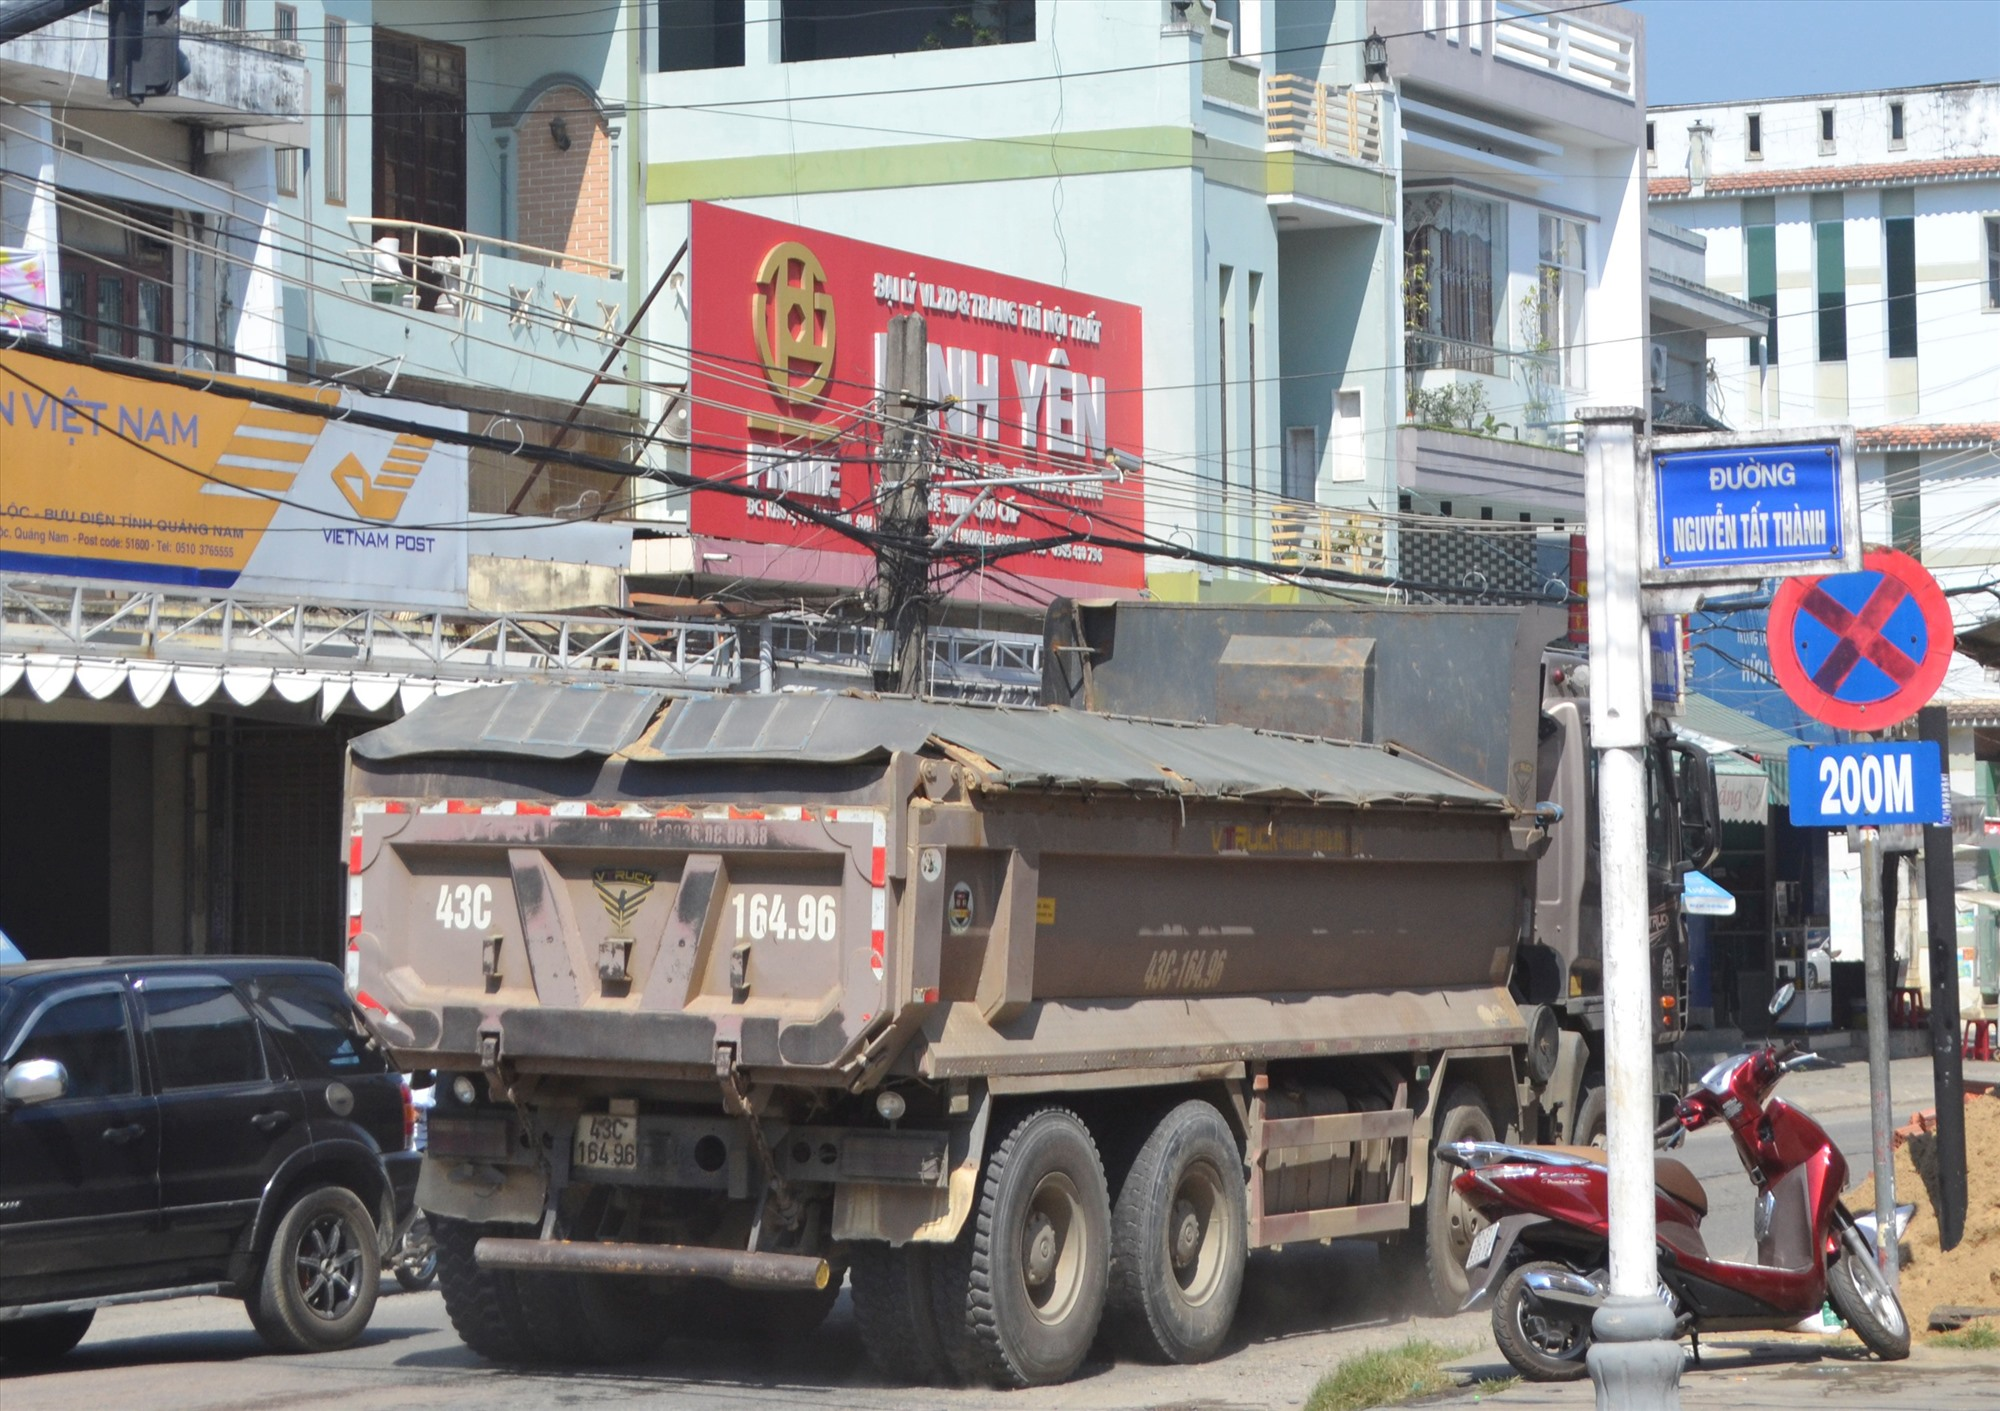 Xe chở cát quá tải trọng cho phép ngang nhiên chạy trên đường Huỳnh Ngọc Huệ, giáp với đường Nguyễn Tất Thành (thị trấn Ái Nghĩa, Đại Lộc). Ảnh: N.B